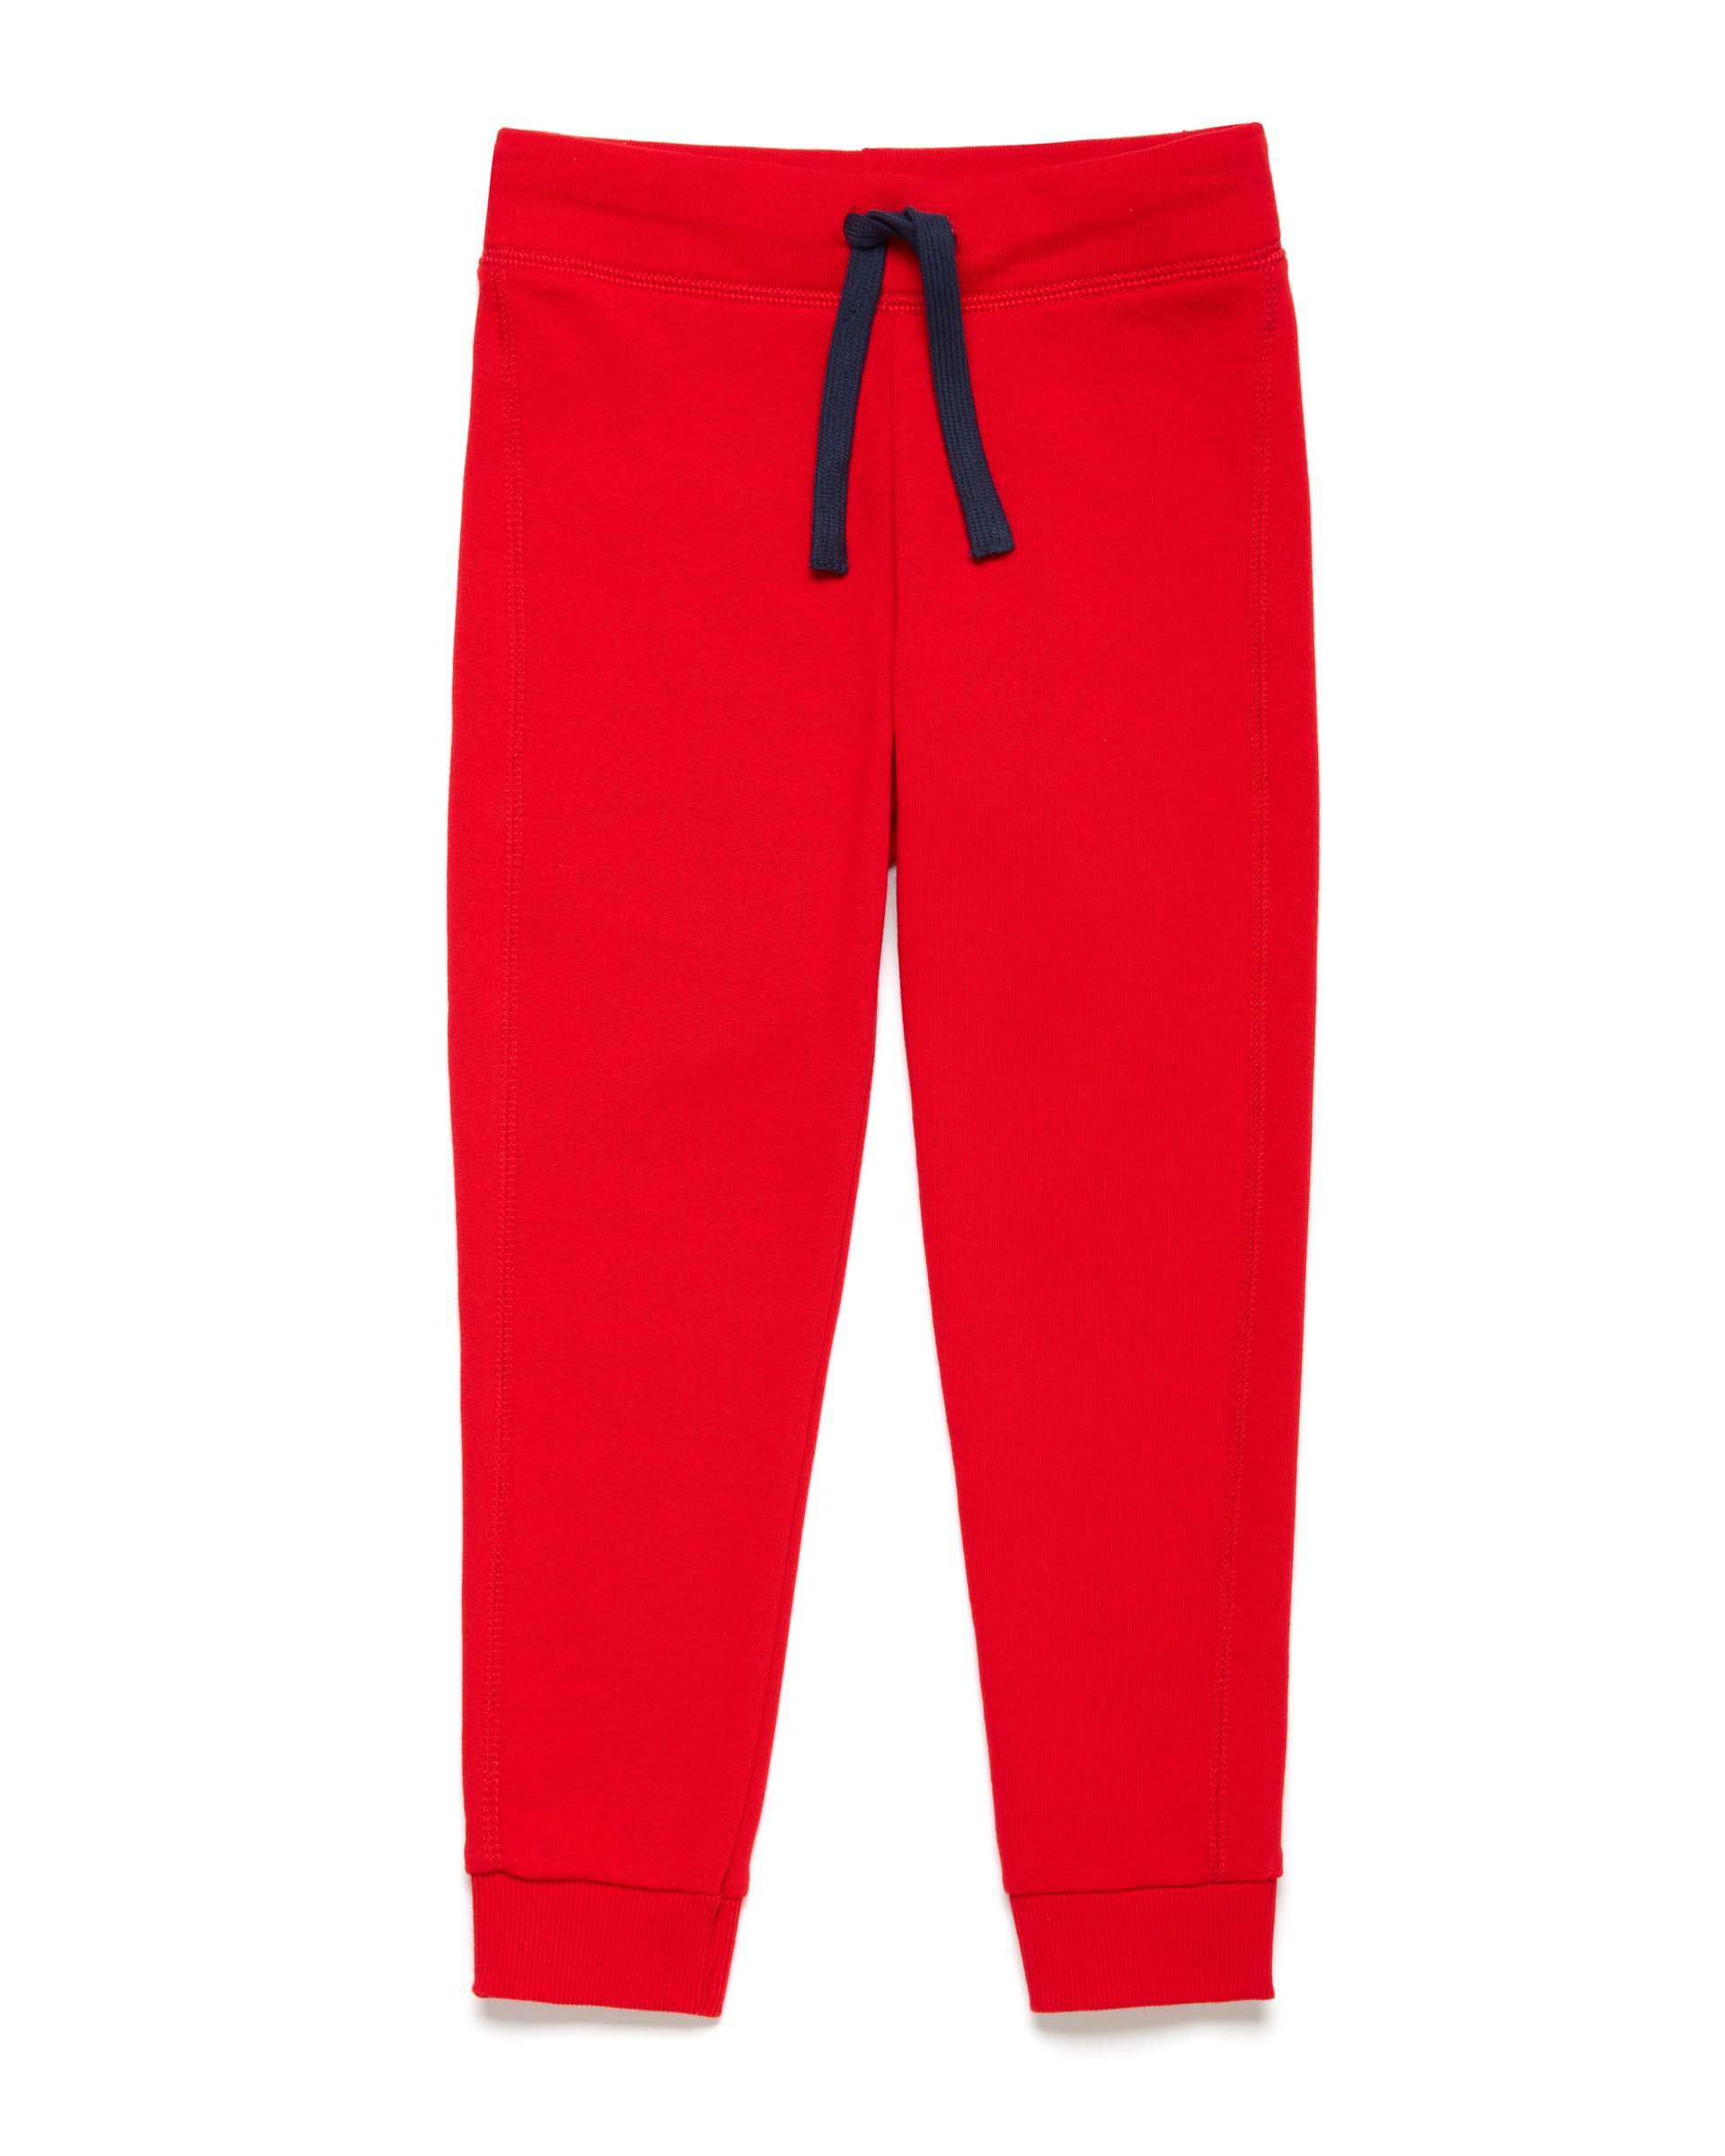 Купить CCC_3J68I0449_015, Спортивные брюки для мальчиков Benetton 3J68I0449_015 р-р 92, United Colors of Benetton, Шорты и брюки для новорожденных